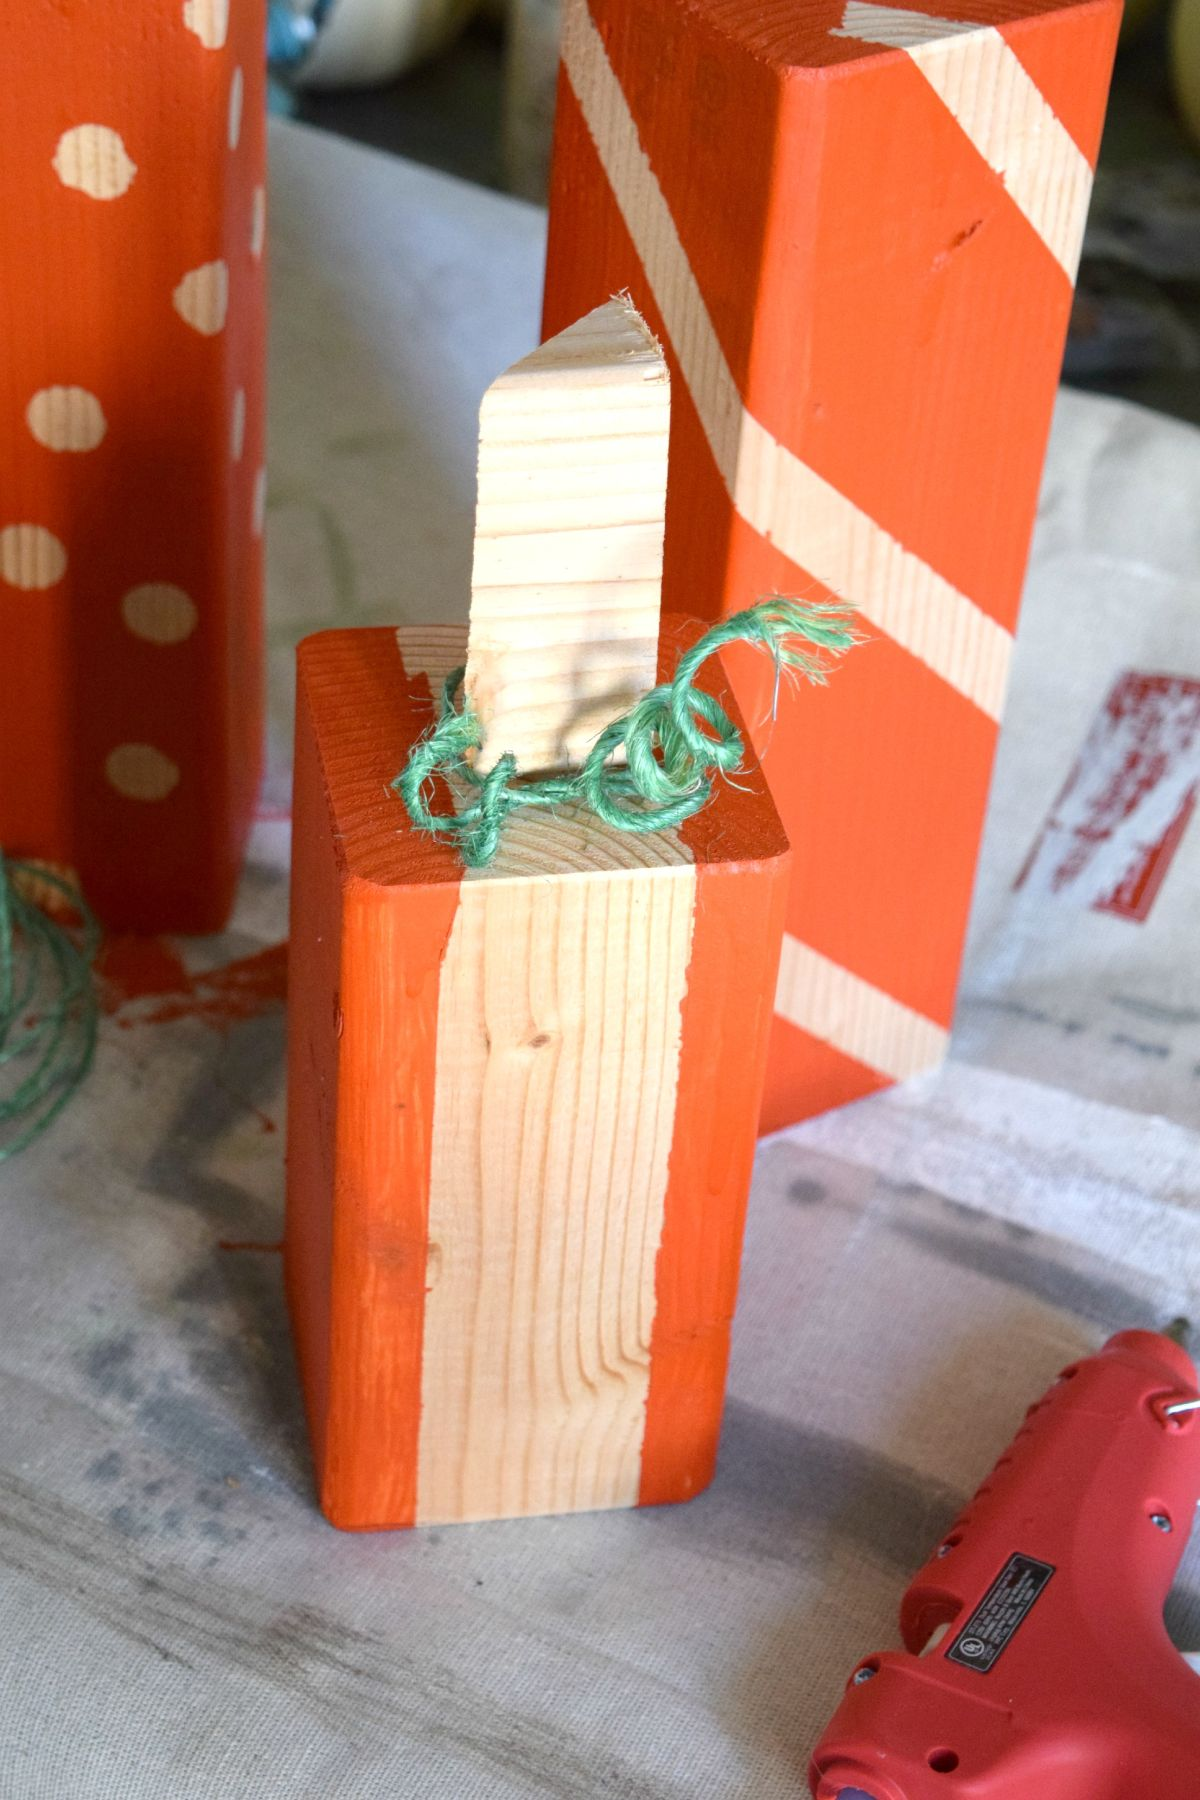 Тыквы из деревянных брусков: традиционный осенний декор в очень необычной форме